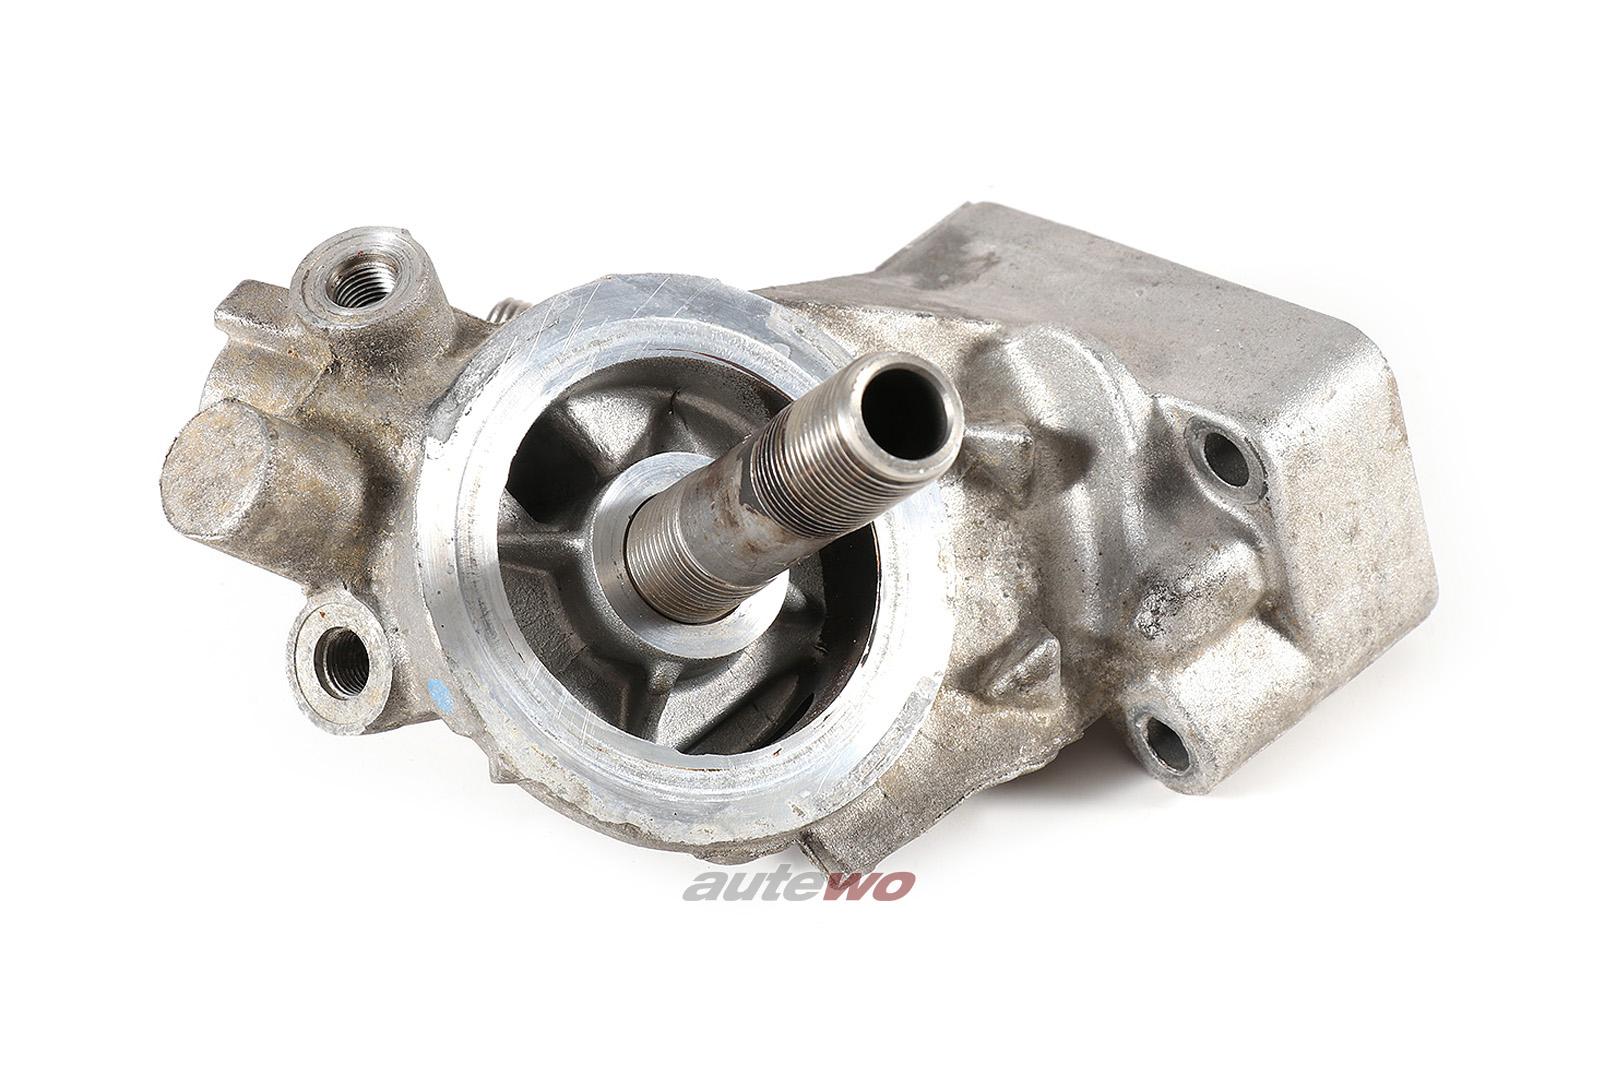 050115417 058115405C Audi/VW A4 B5/A6 4B 1.8l Ölfilterhalter